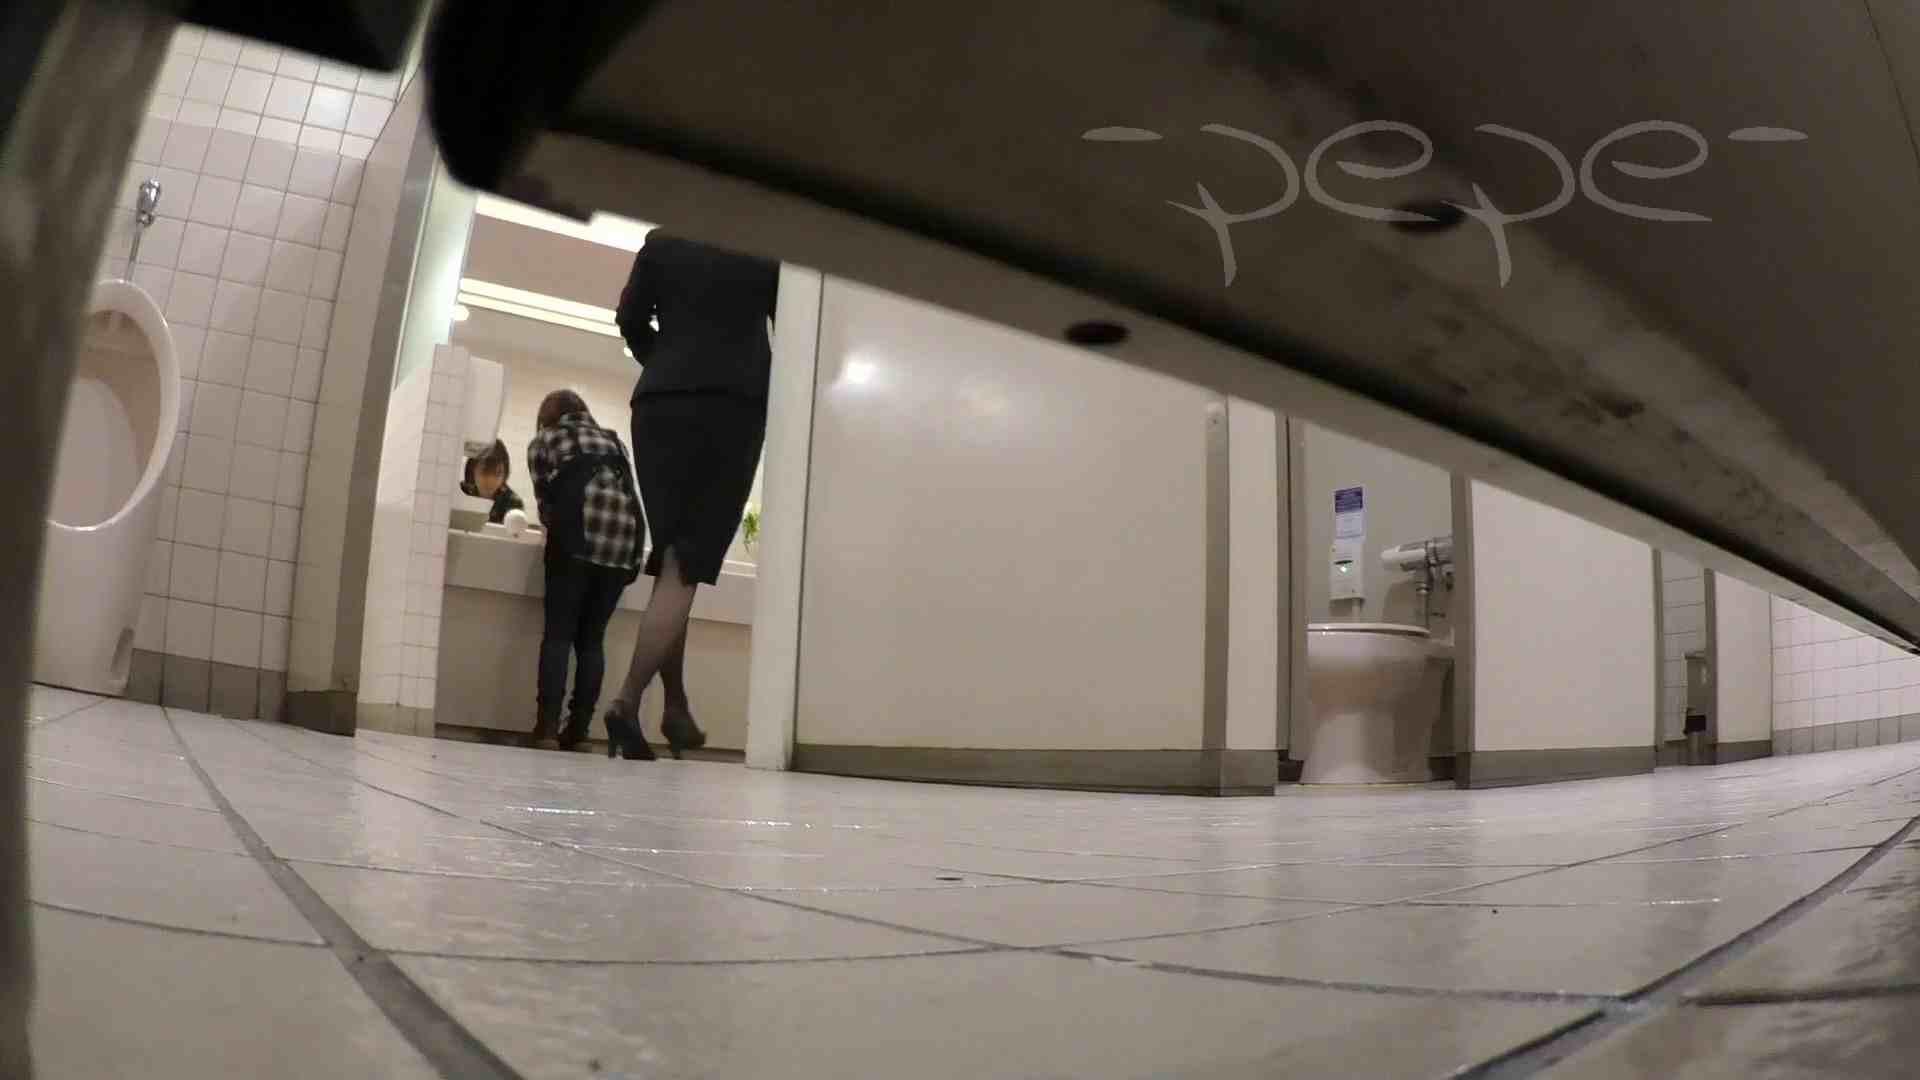 至高洗面所盗撮 30 至高店内撮り 見せますpepeの技!!2 高画質  74PIX 2